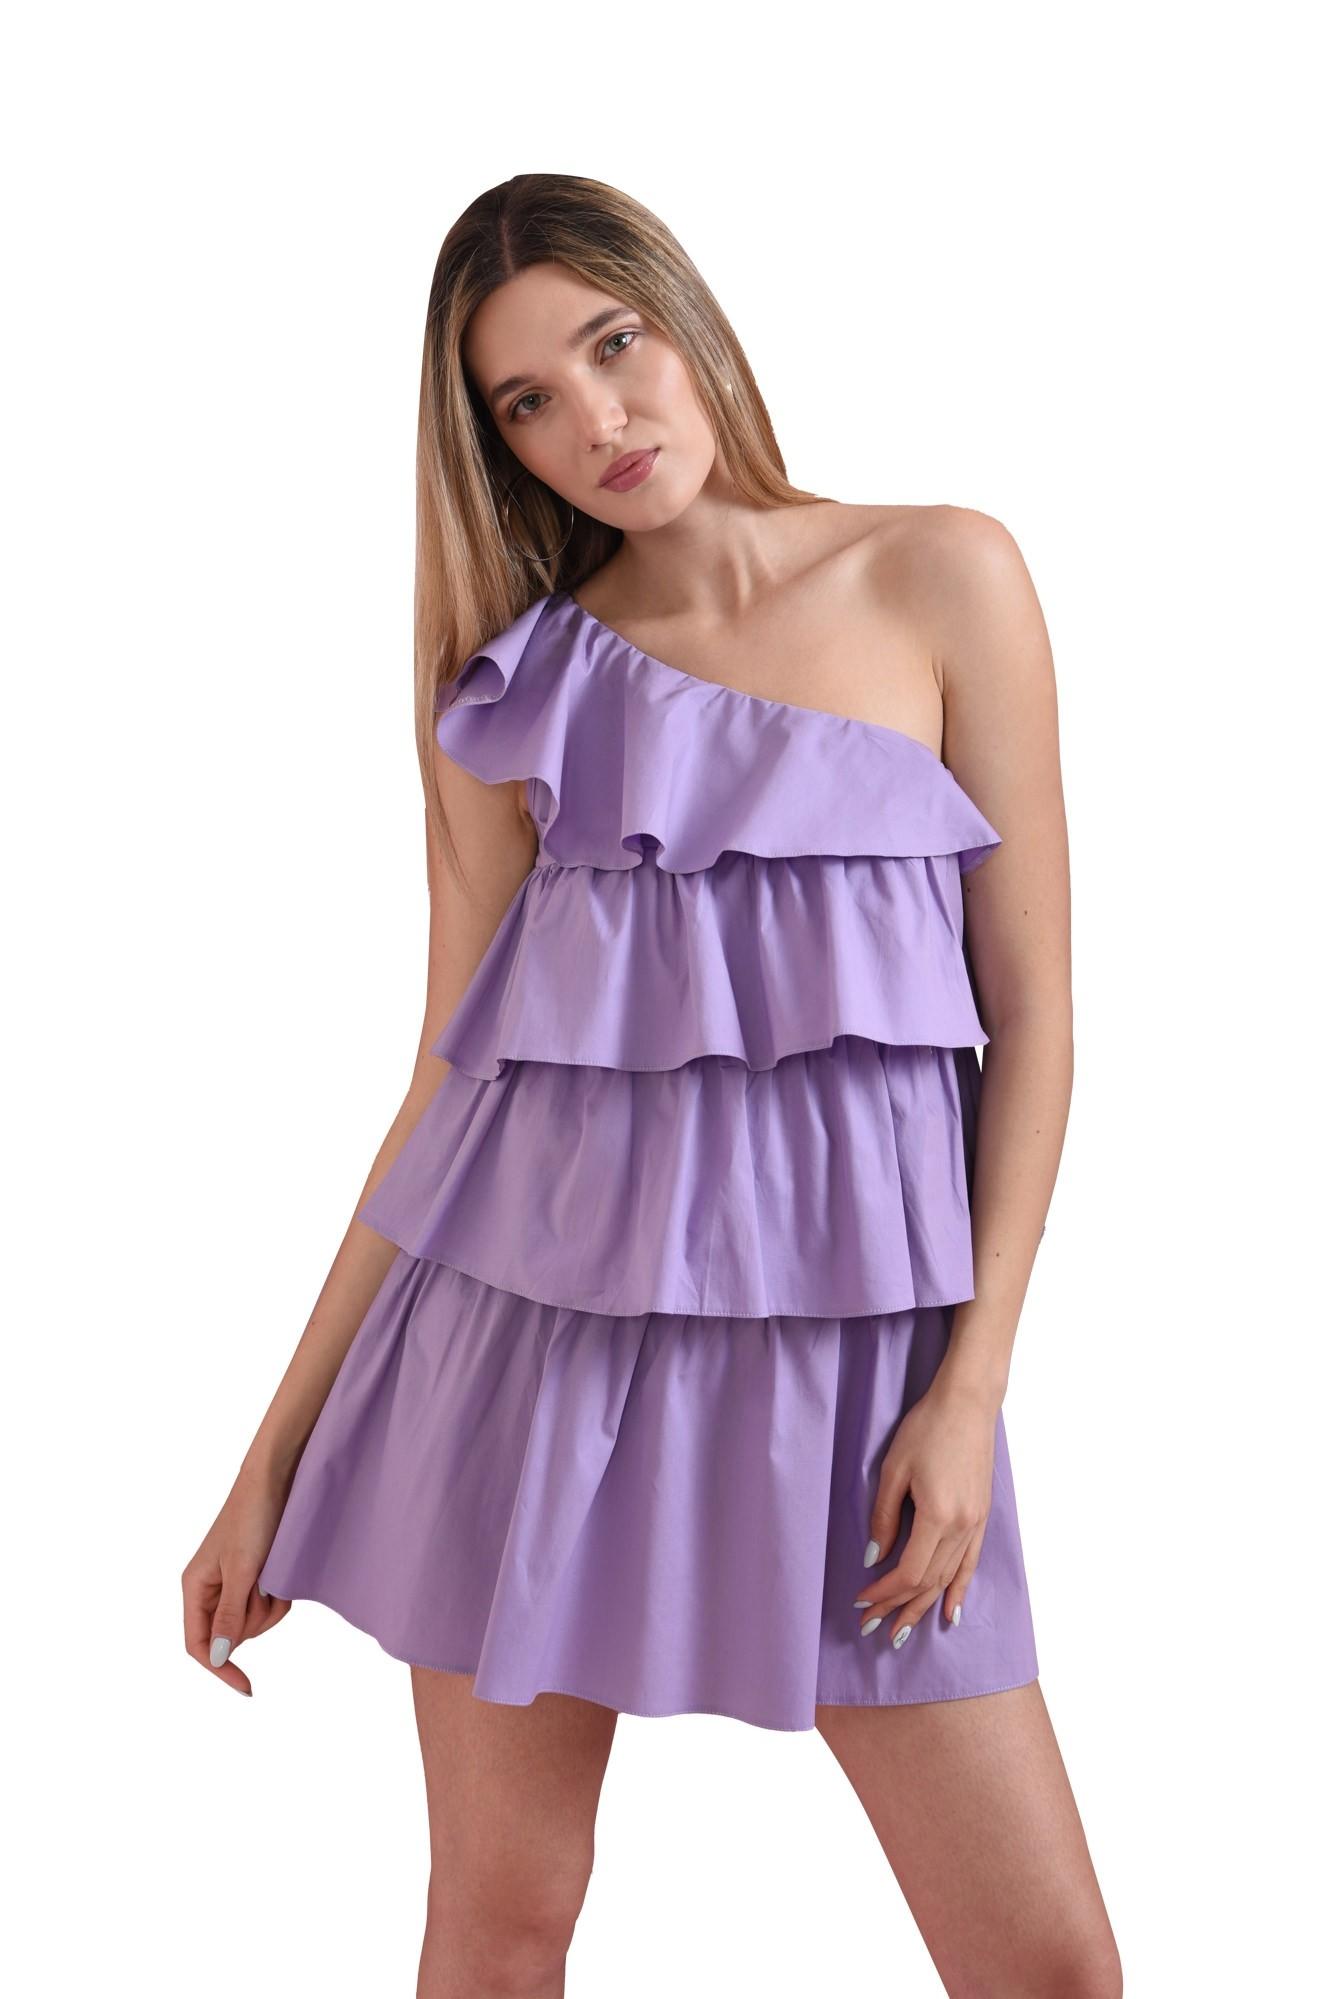 3 - rochie scurta, lila, cu volane suprapuse